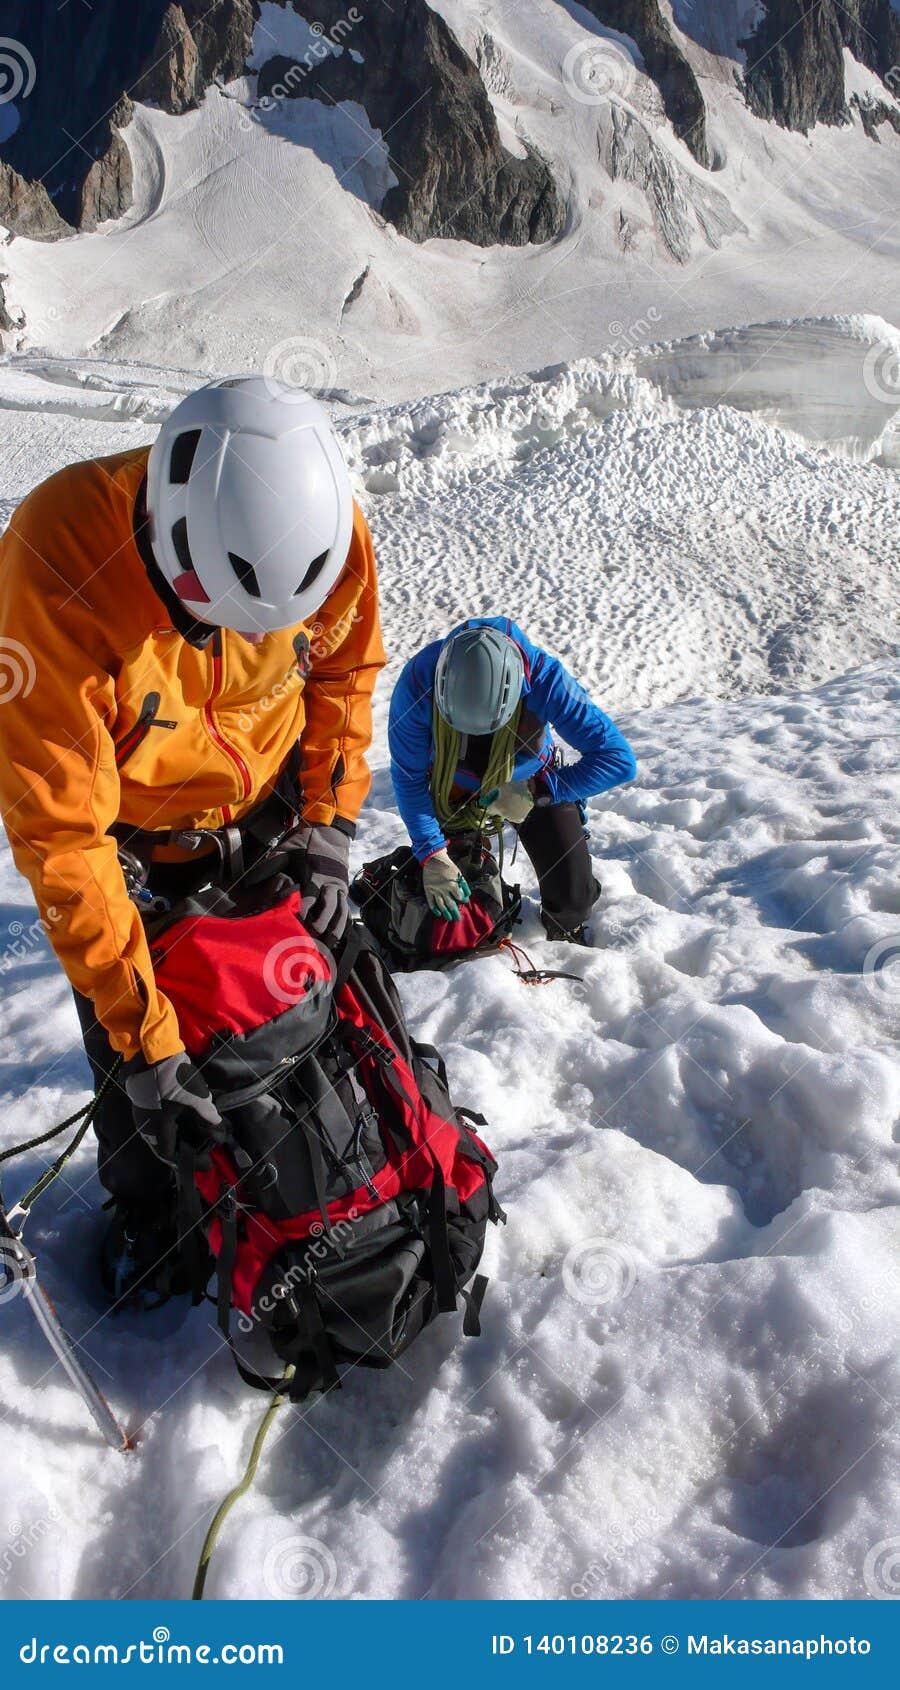 Οι ορειβάτες βουνών παίρνουν ένα σπάσιμο υψηλό επάνω σε έναν παγετώνα στις γαλλικές Άλπεις